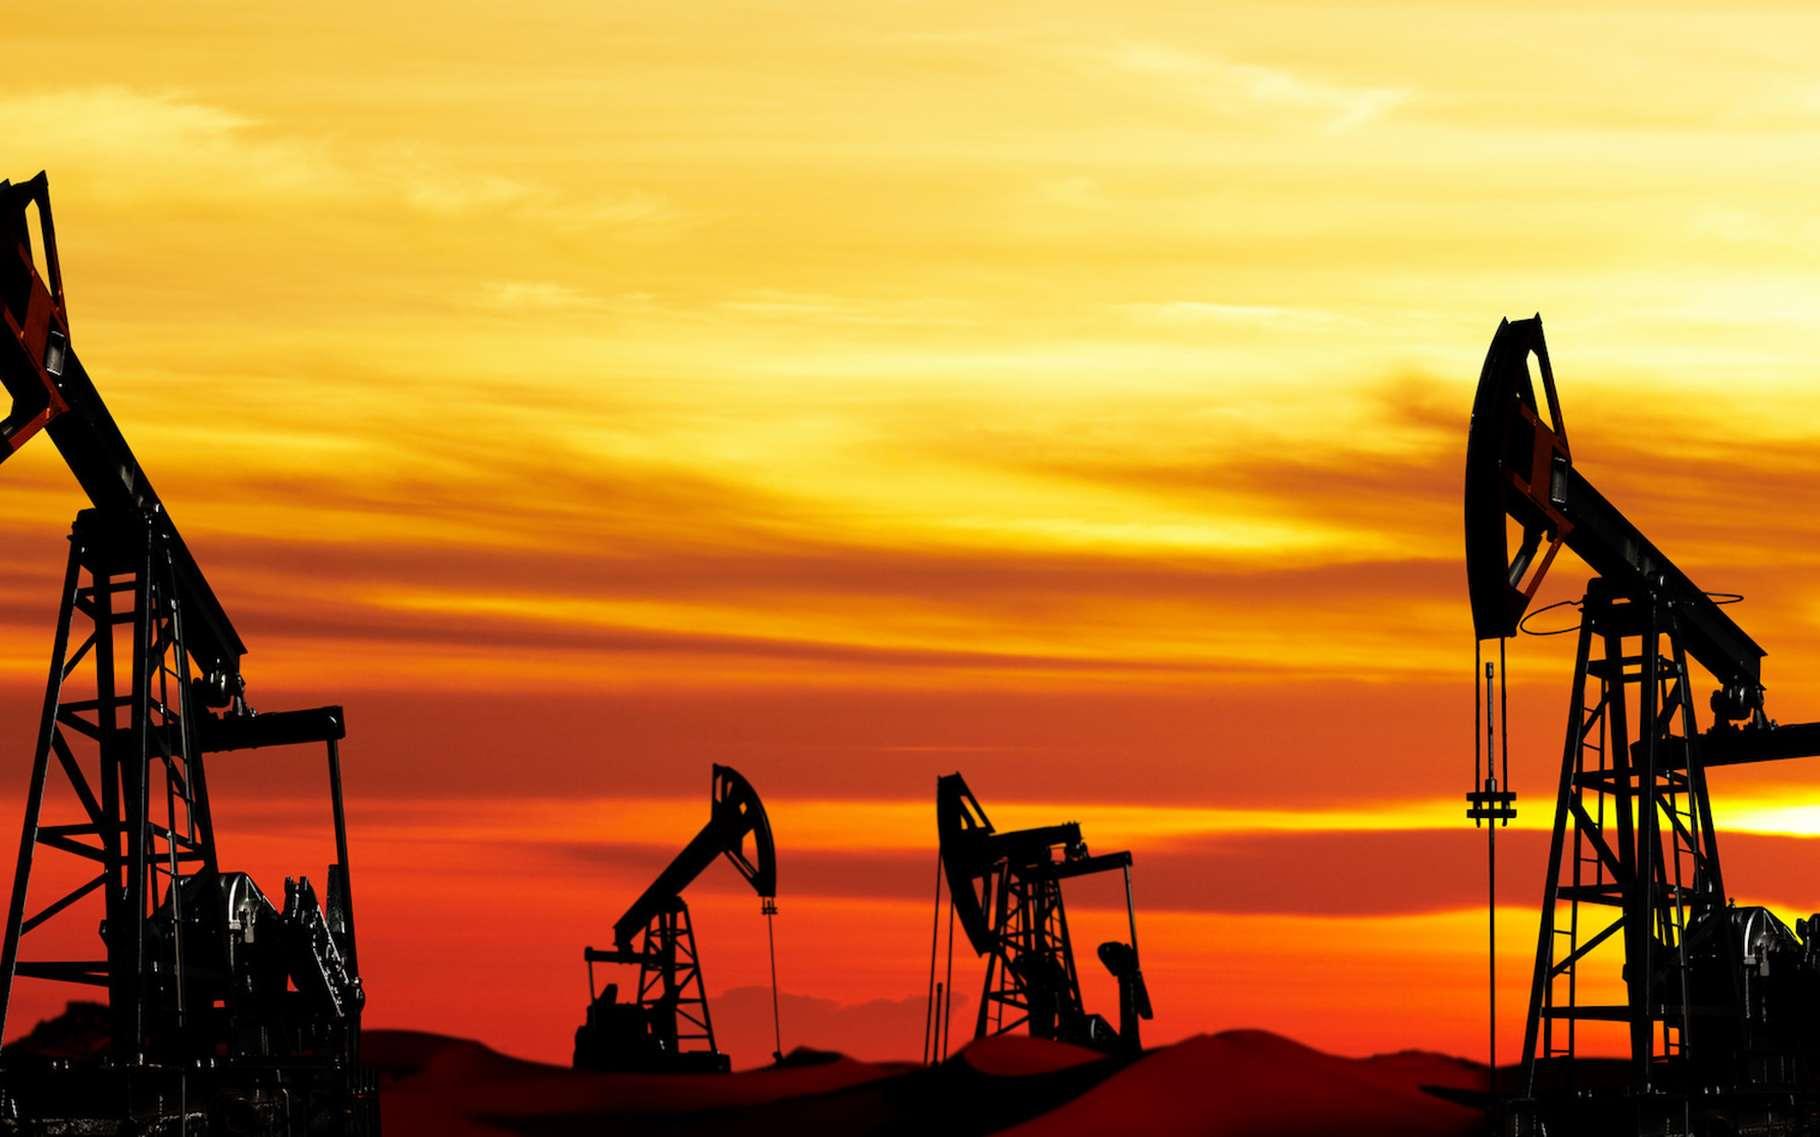 Le xylène est un produit de l'industrie pétrochimique. Il est notamment utilisé comme solvant. © Dmitry Pichugin, Fotolia